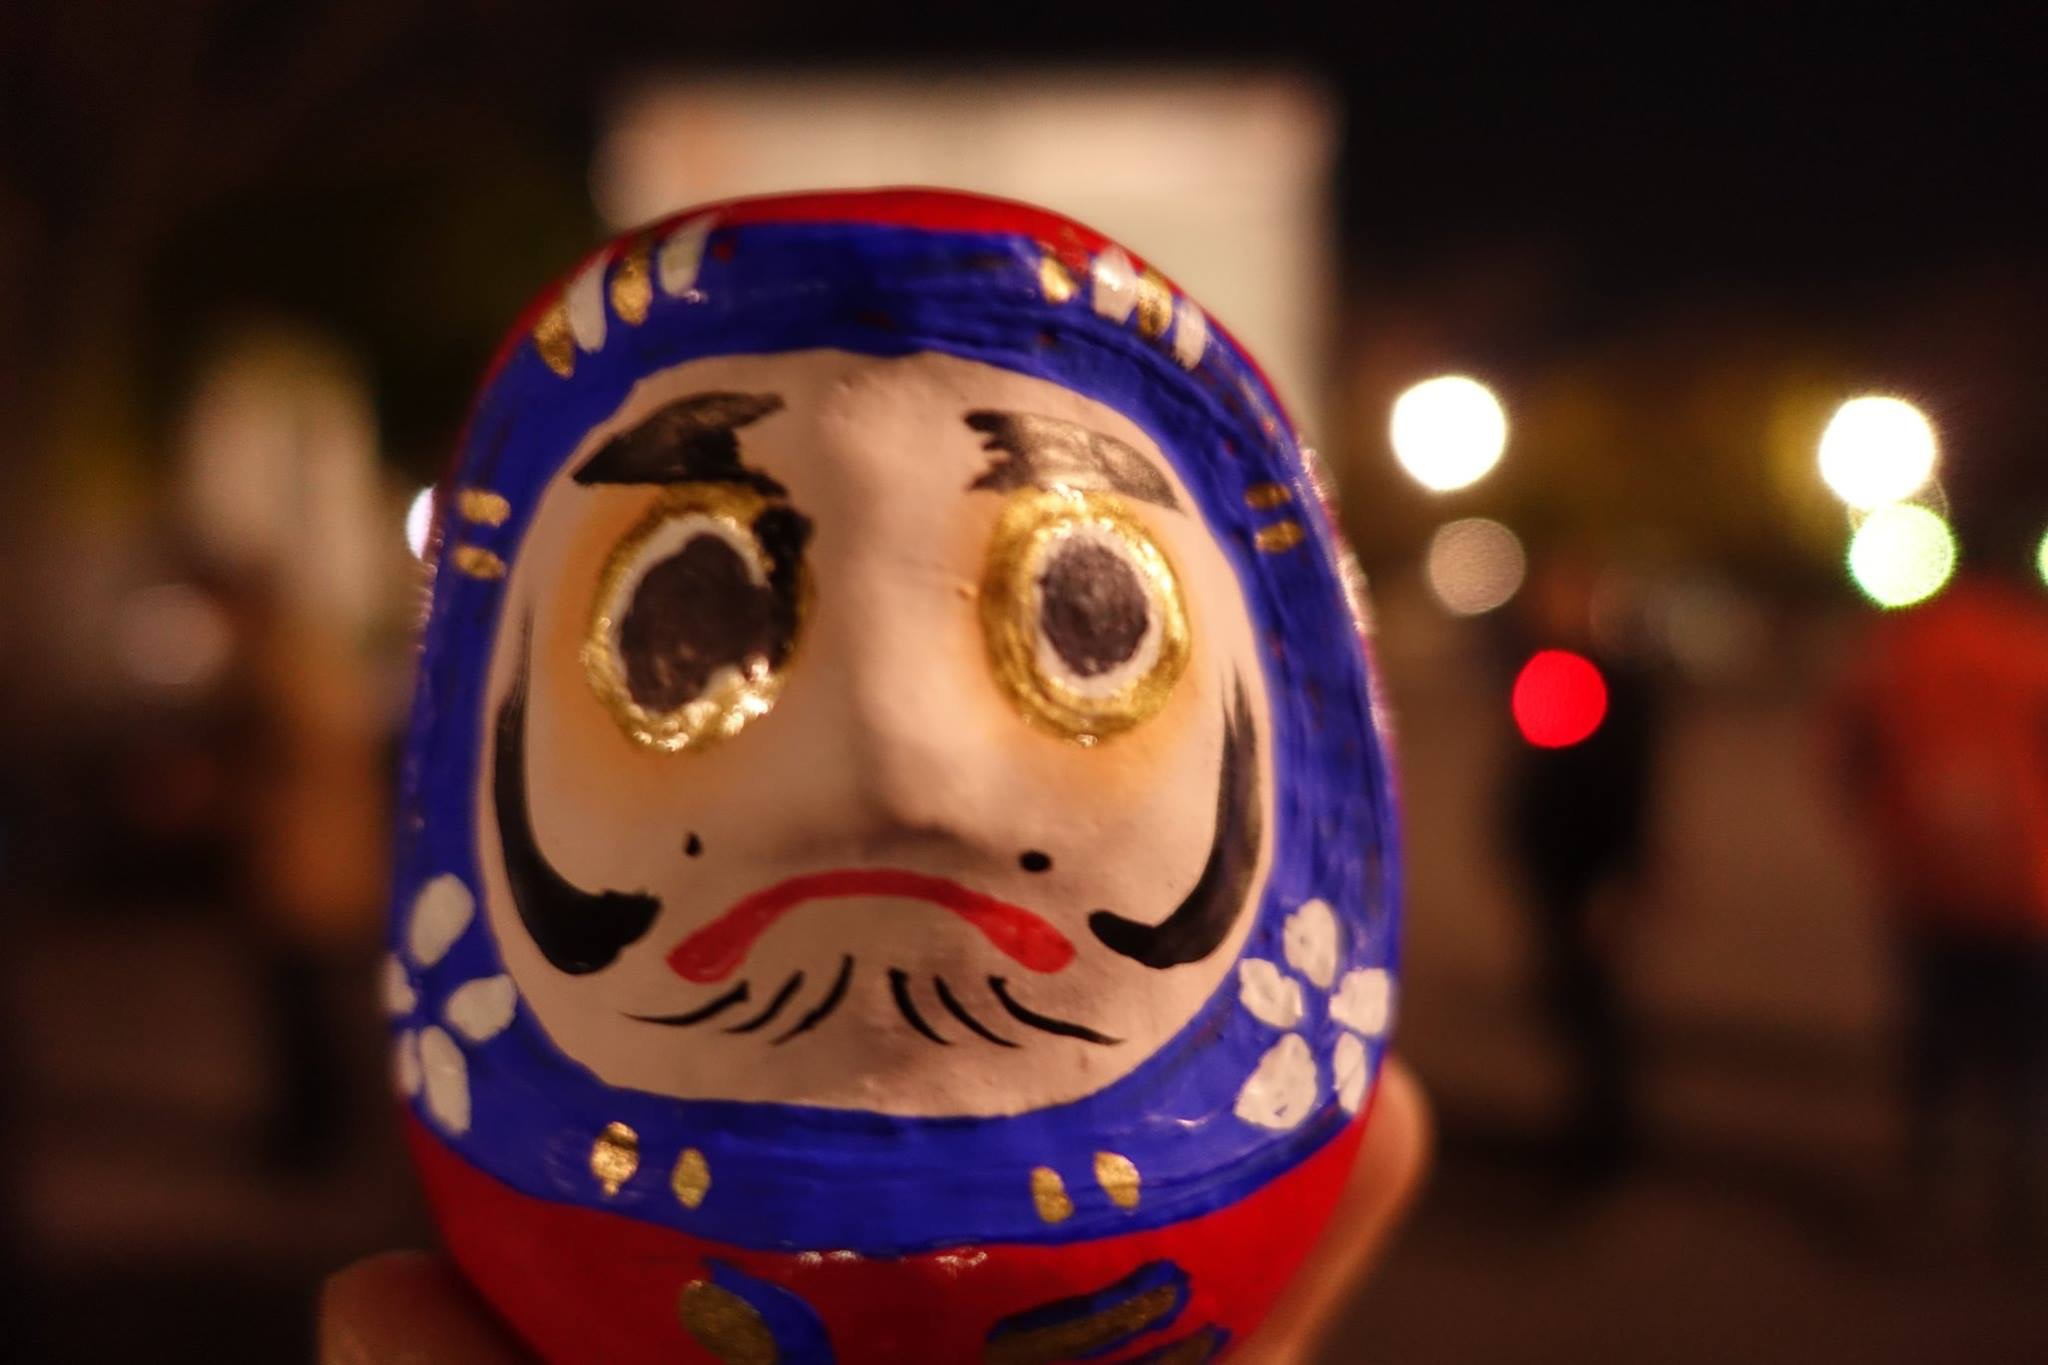 1月7日(土)双葉町【ダルマ市】に参加します!